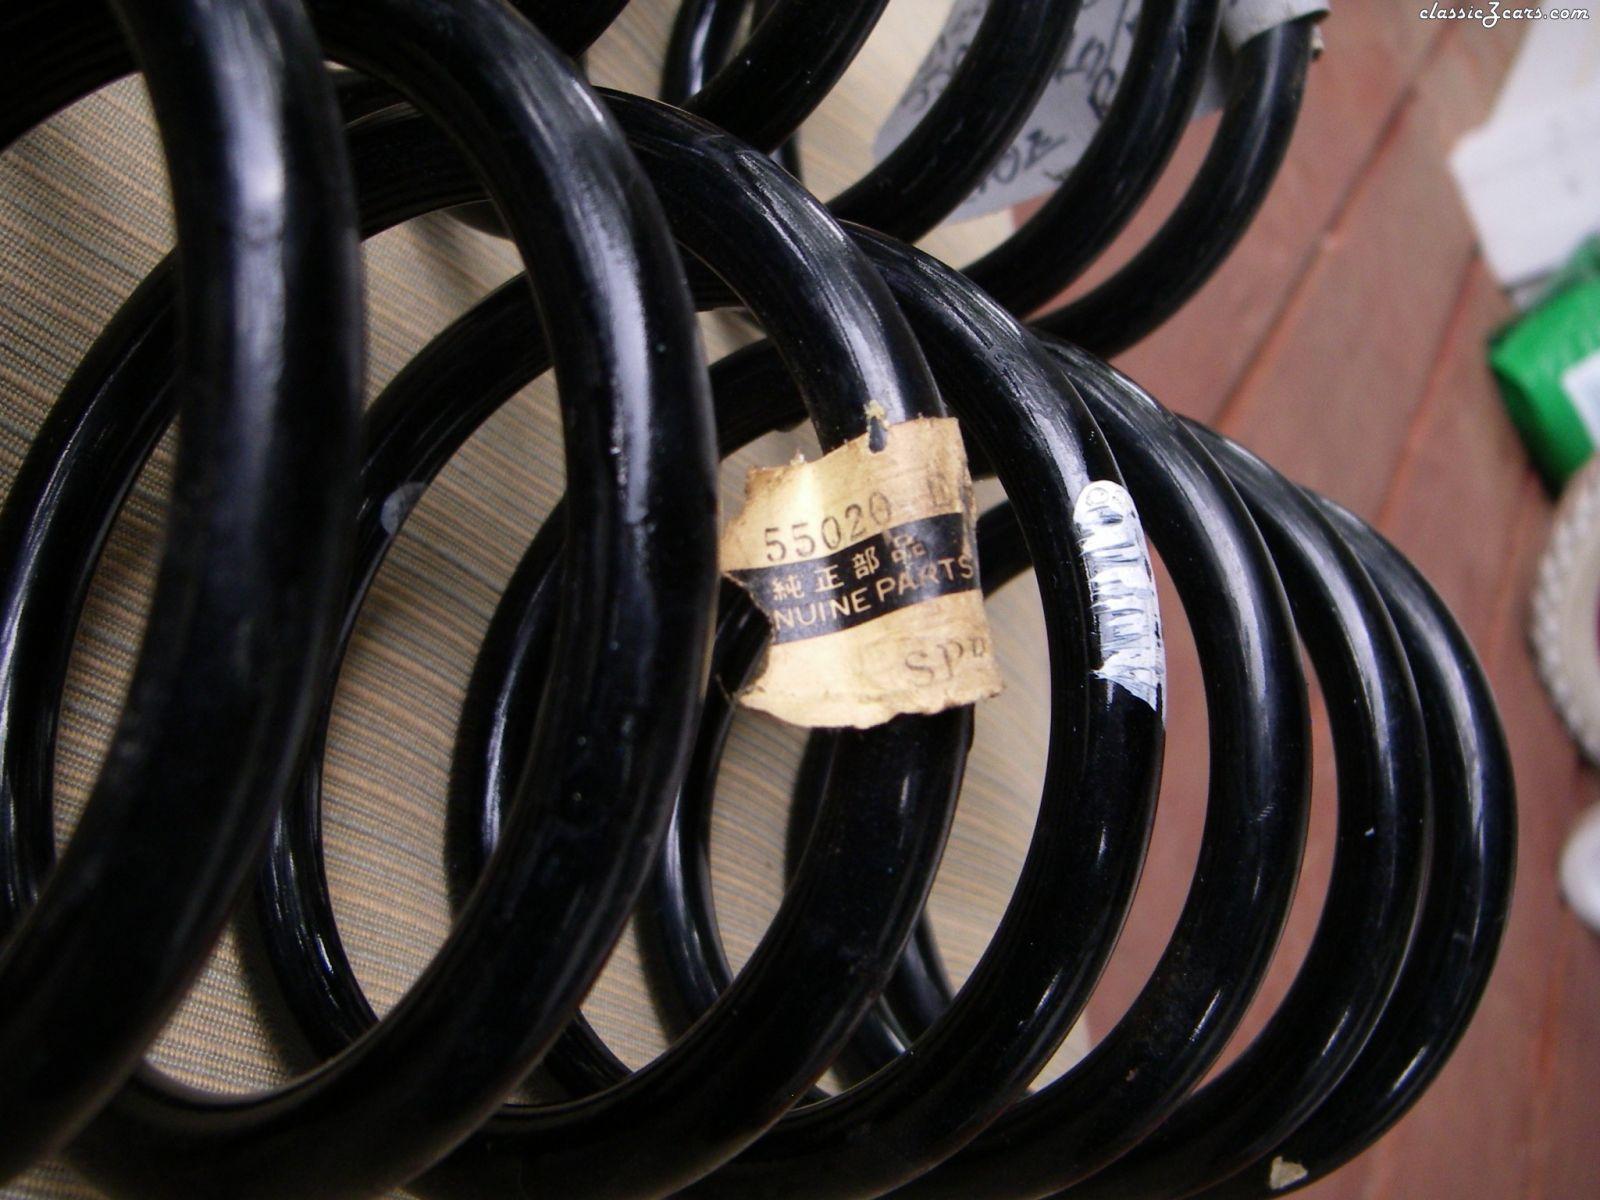 55020-E4102 rear springs